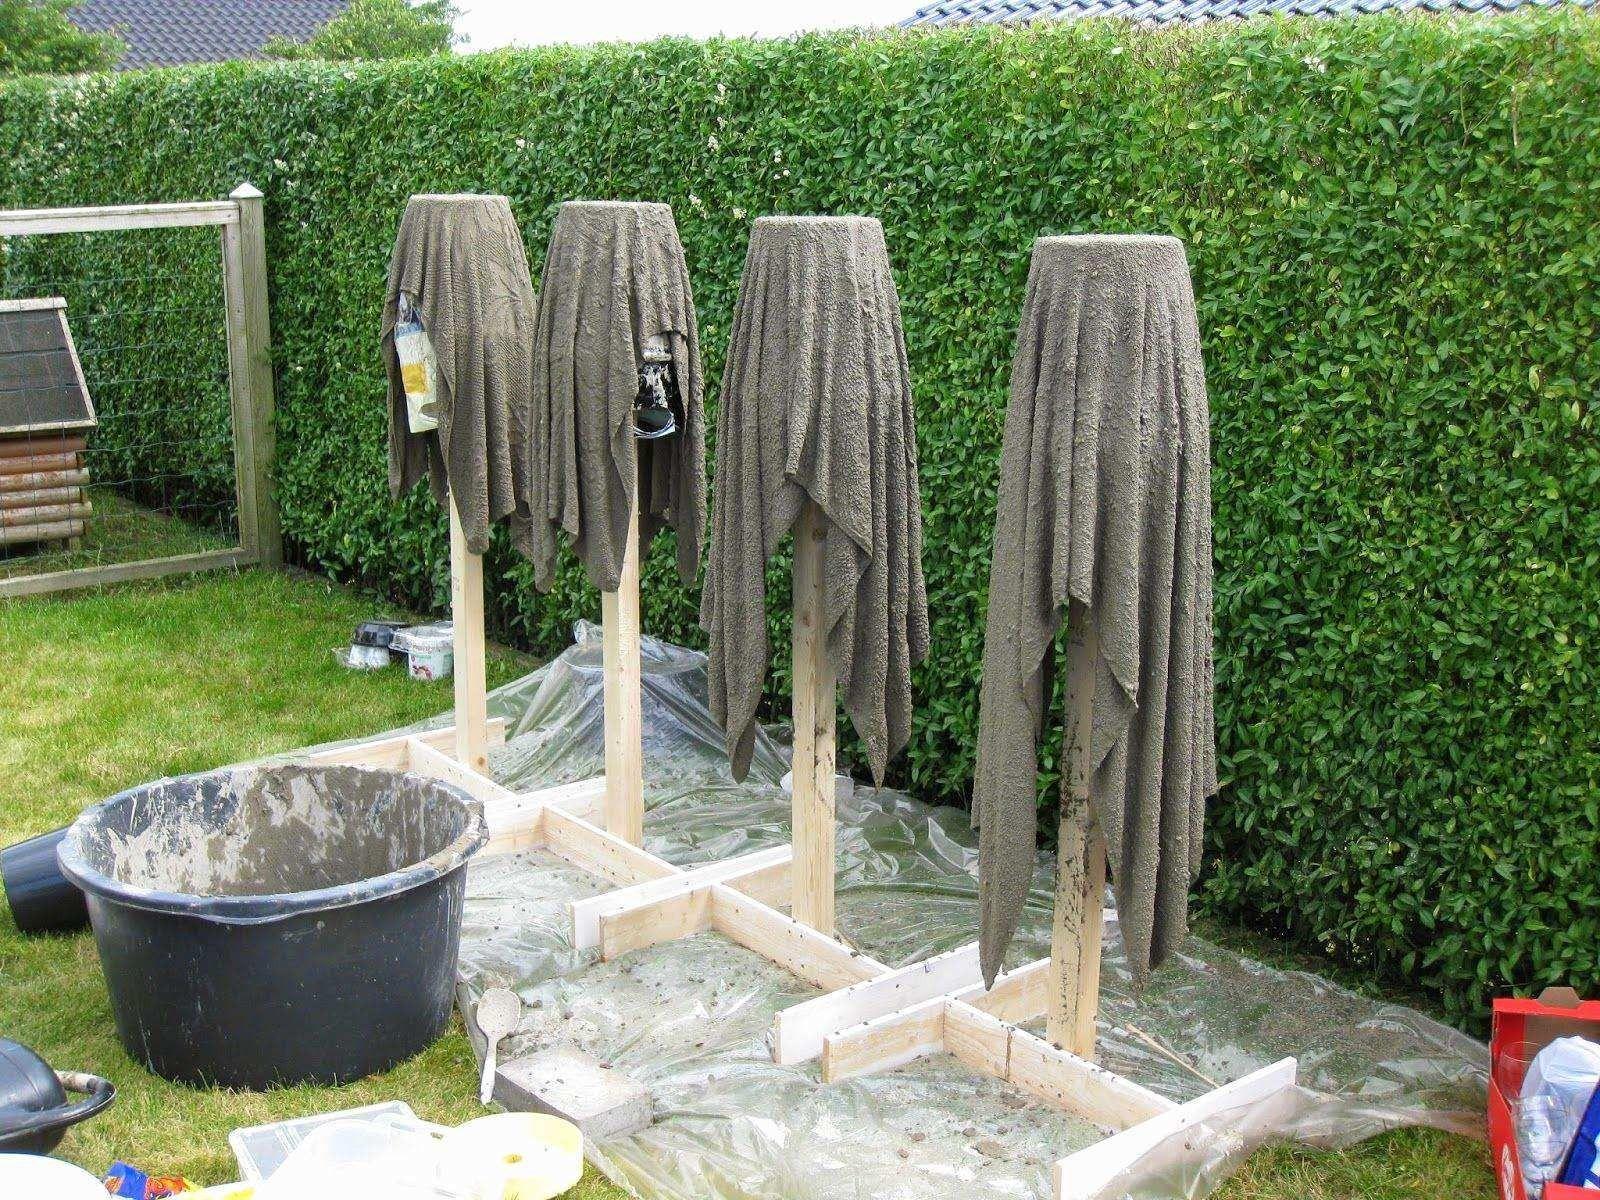 Deco Jardin Zen Elegant Objets Decoration Jardin Exterieur ... encequiconcerne Objets Decoration Jardin Exterieur